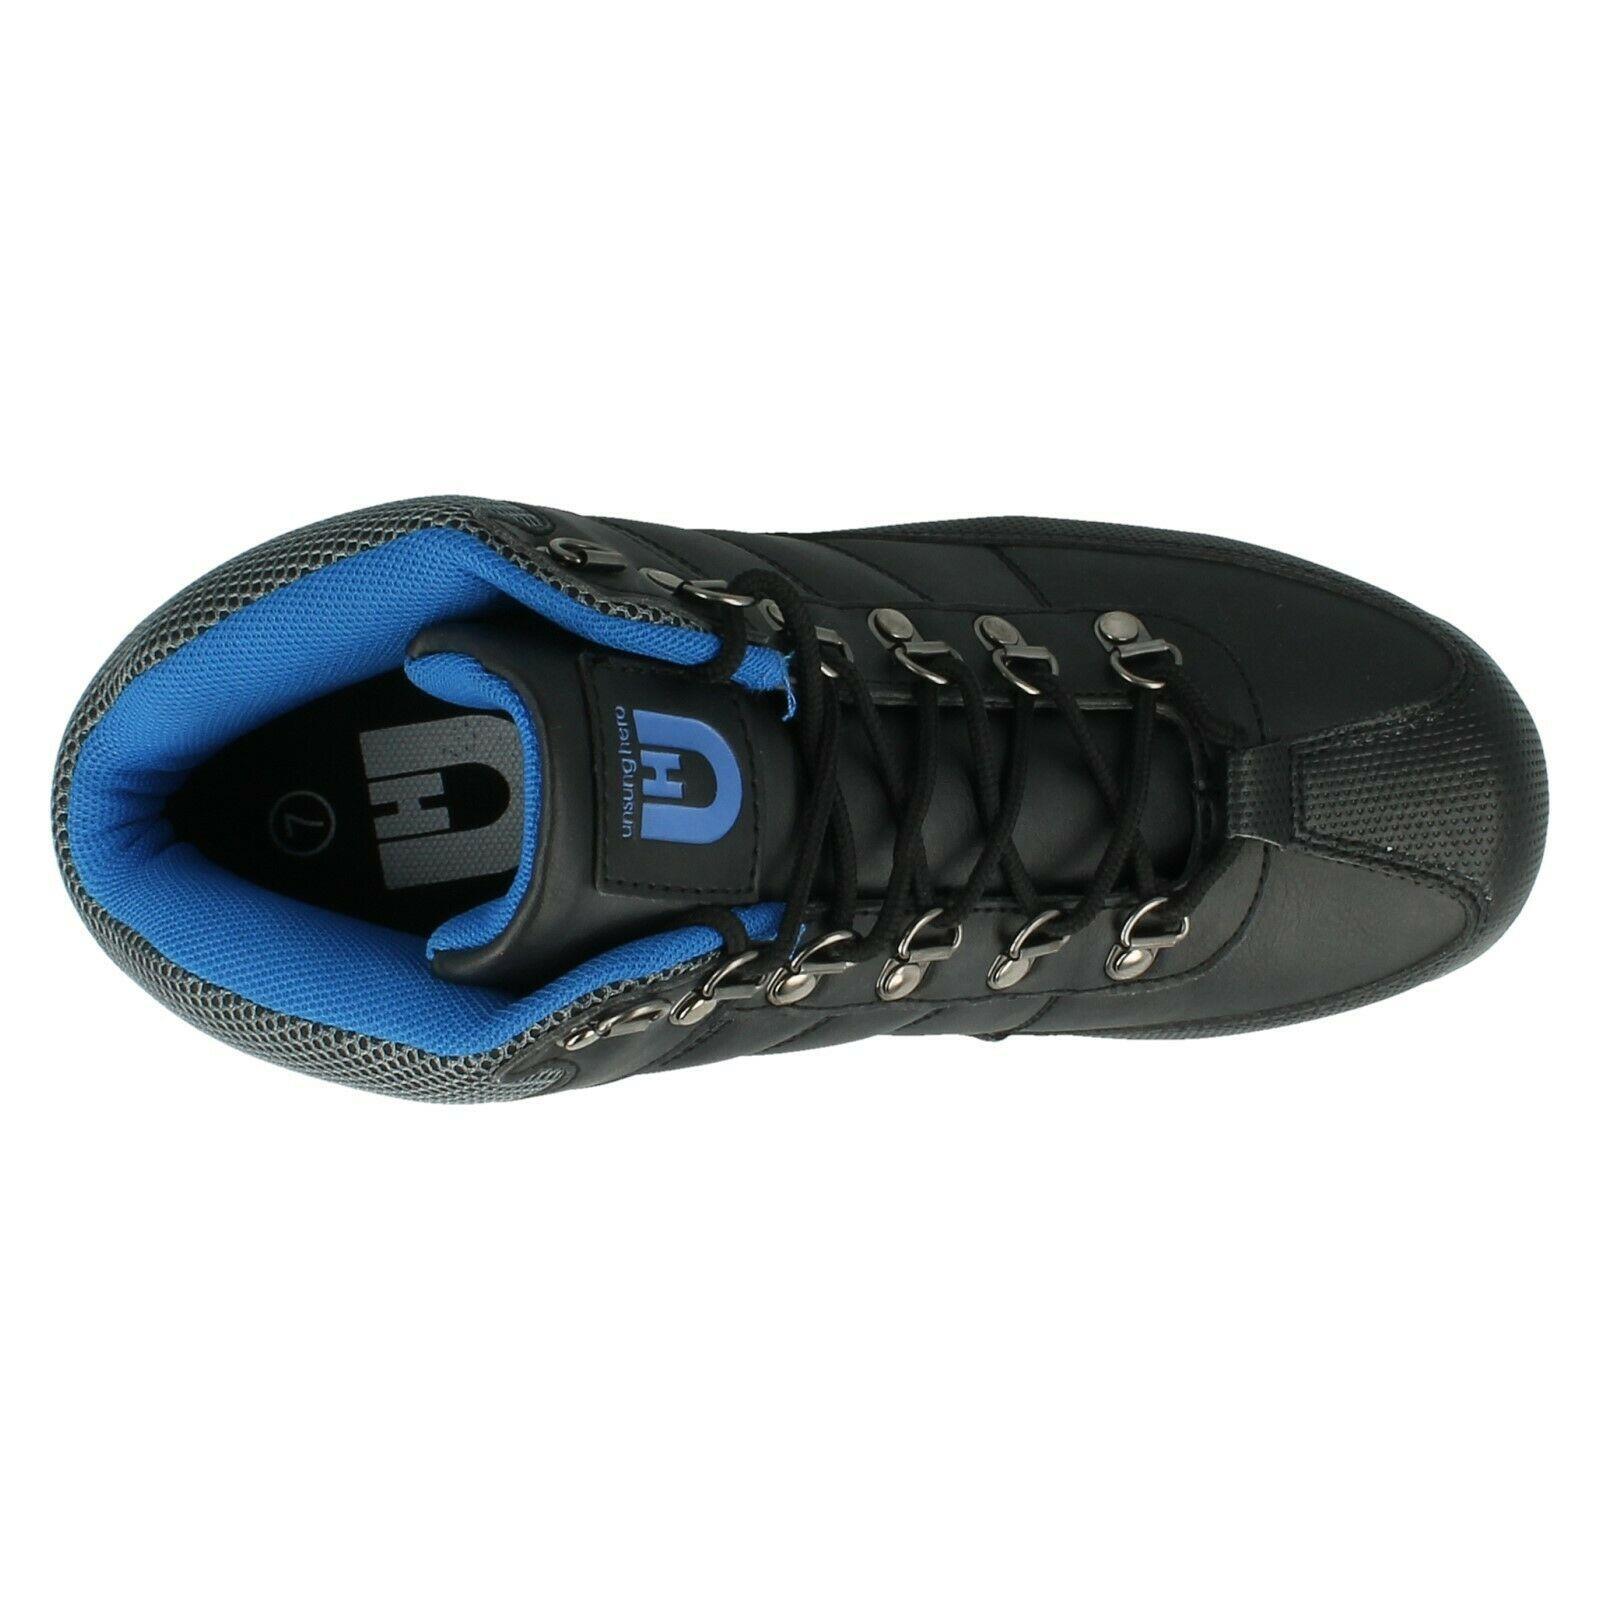 Henleys-unsunghero-Para-hombre-Botas-para-Caminar-Con-Cordones-Zapatos-De-Invierno-Al-Aire-Libre-7 miniatura 22